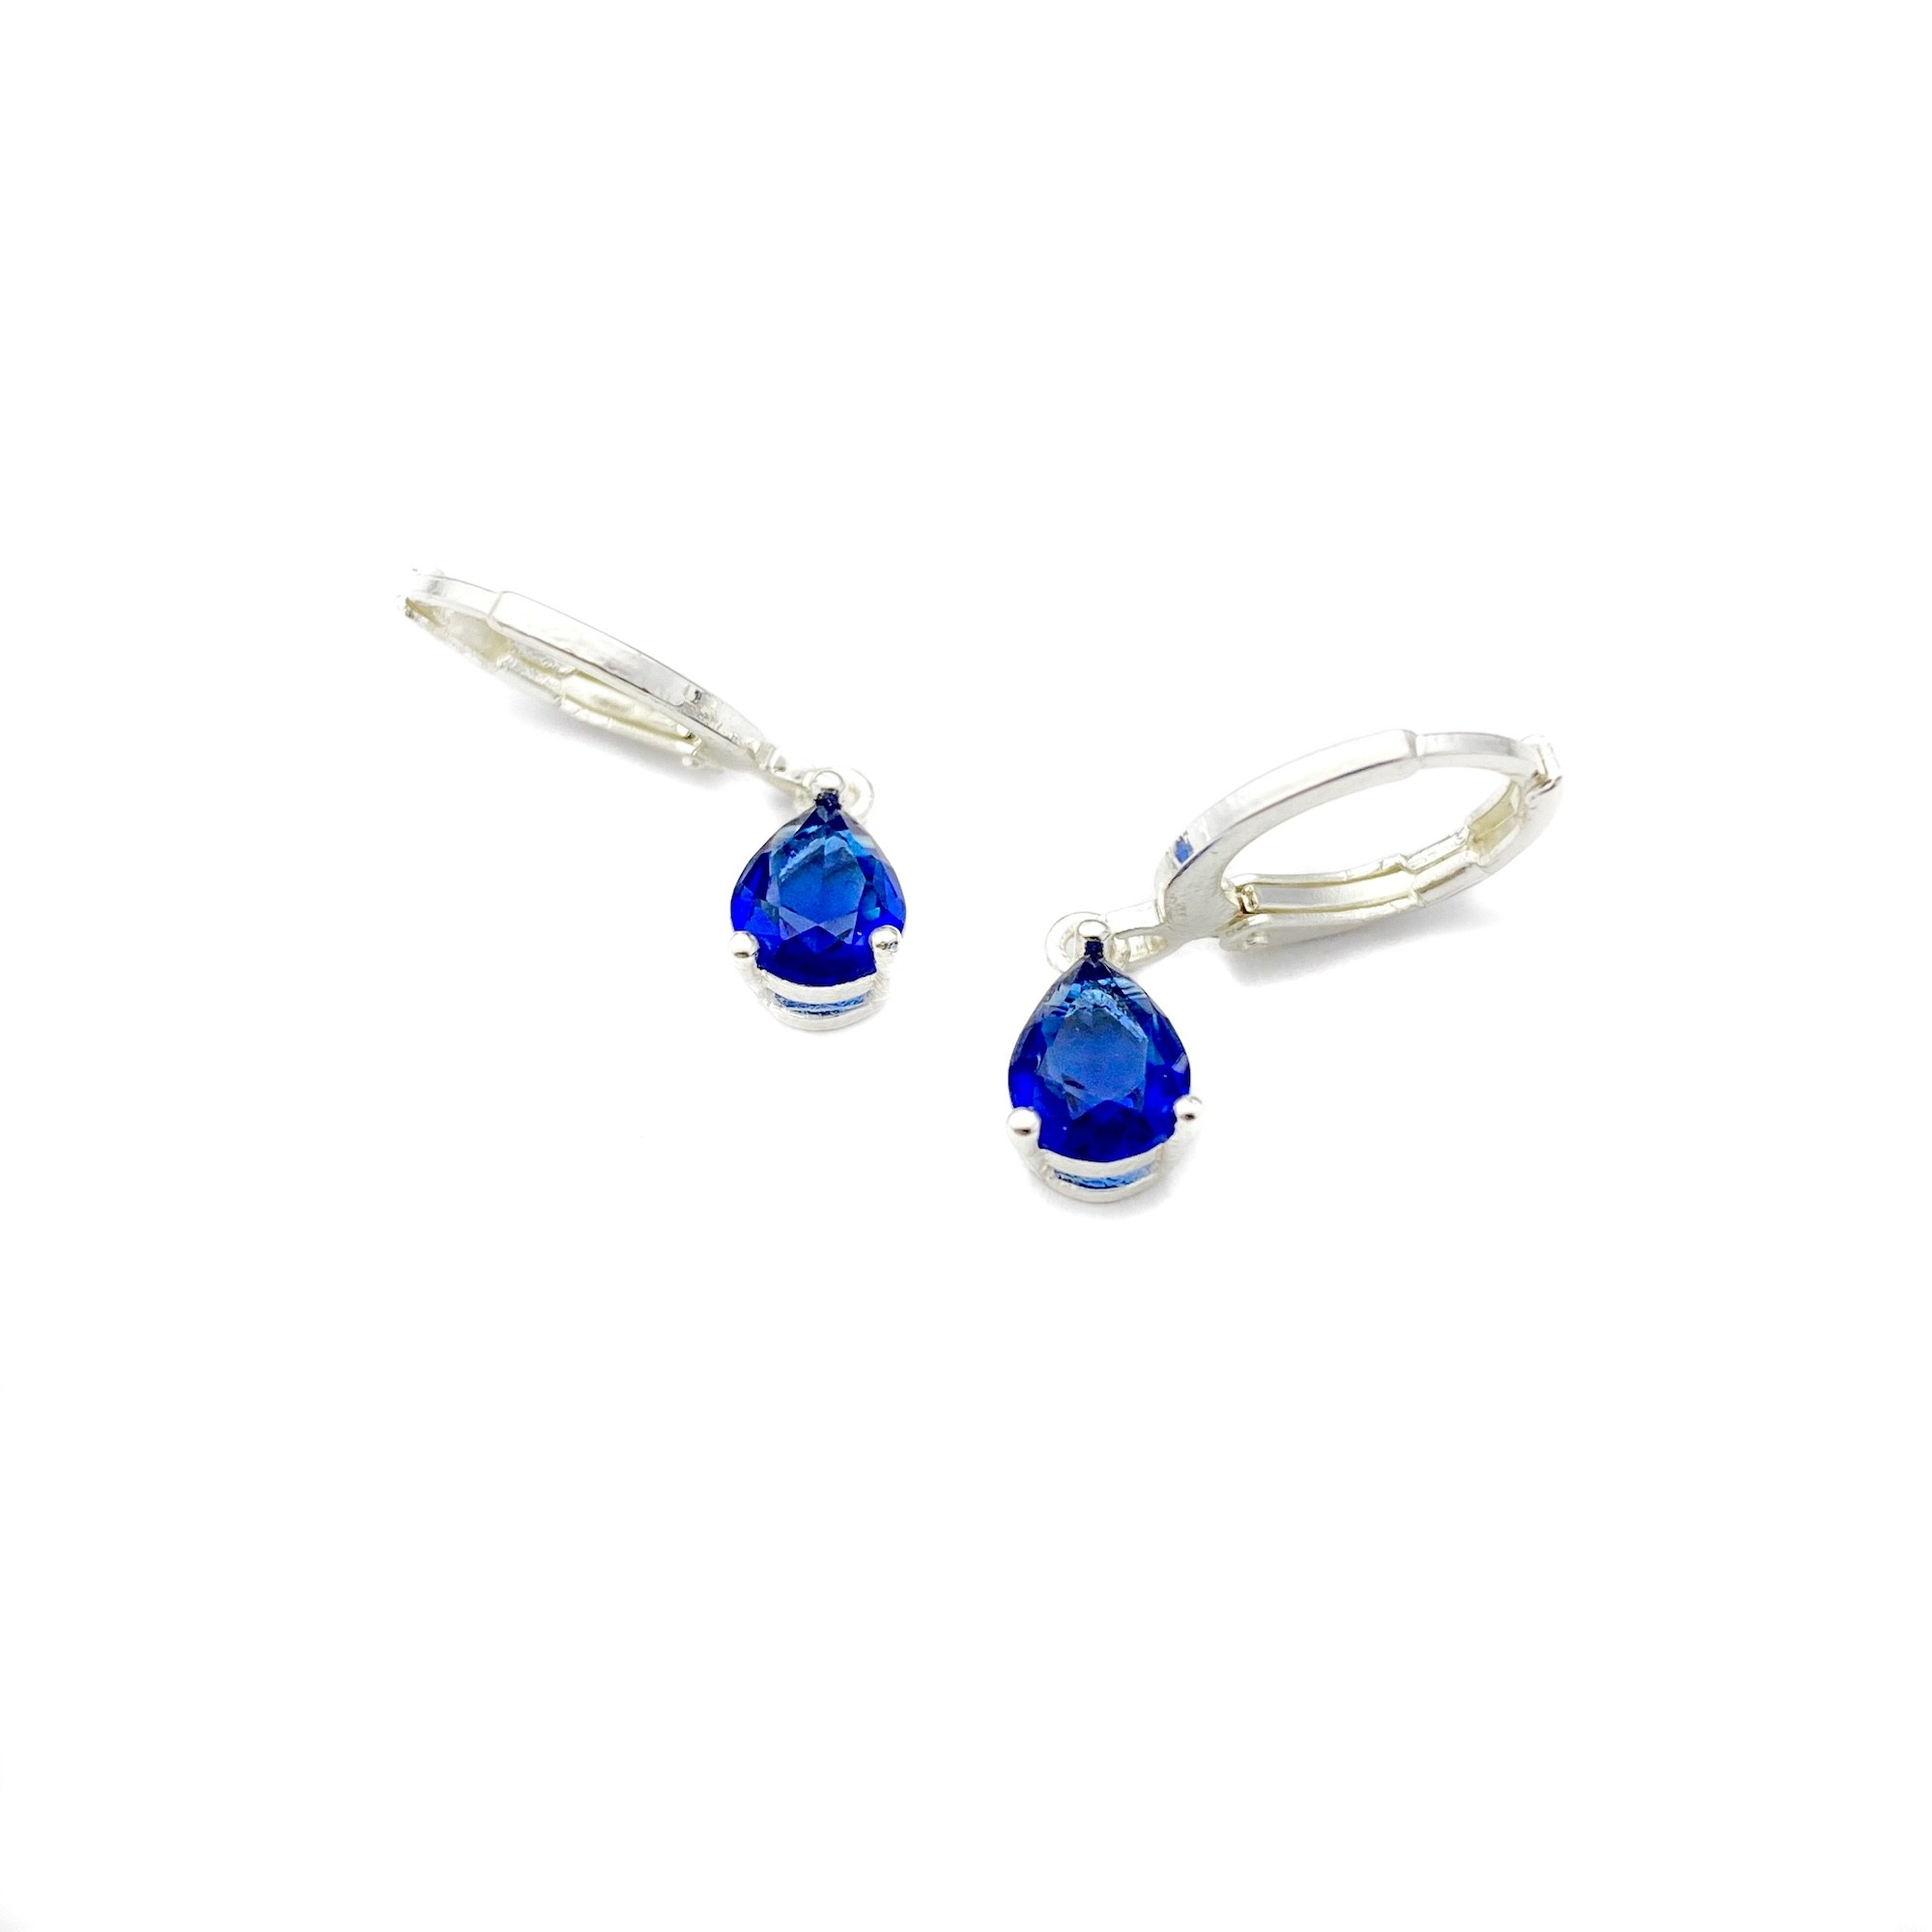 Brinco Argola Pedra Azul Marinho (Banho Prata 925)